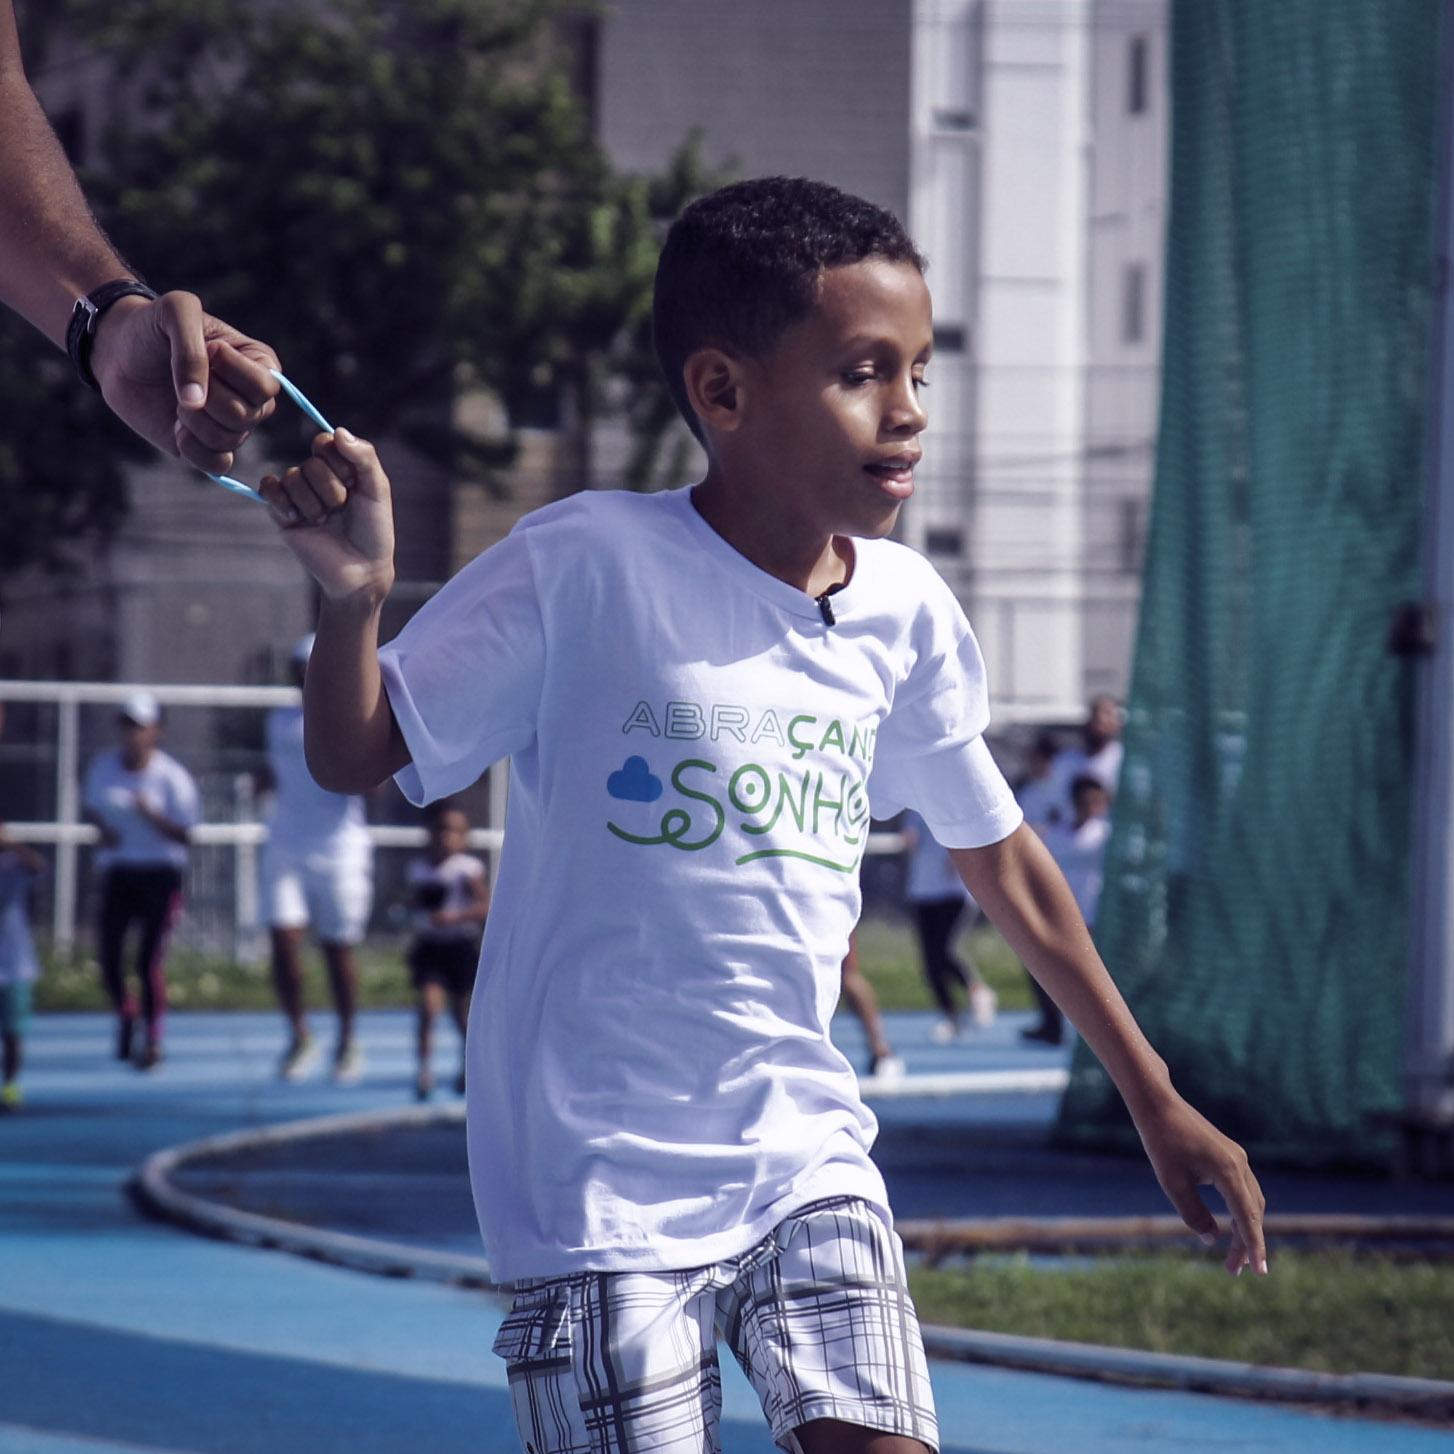 140 voluntários promovem corrida menino perdeu visão